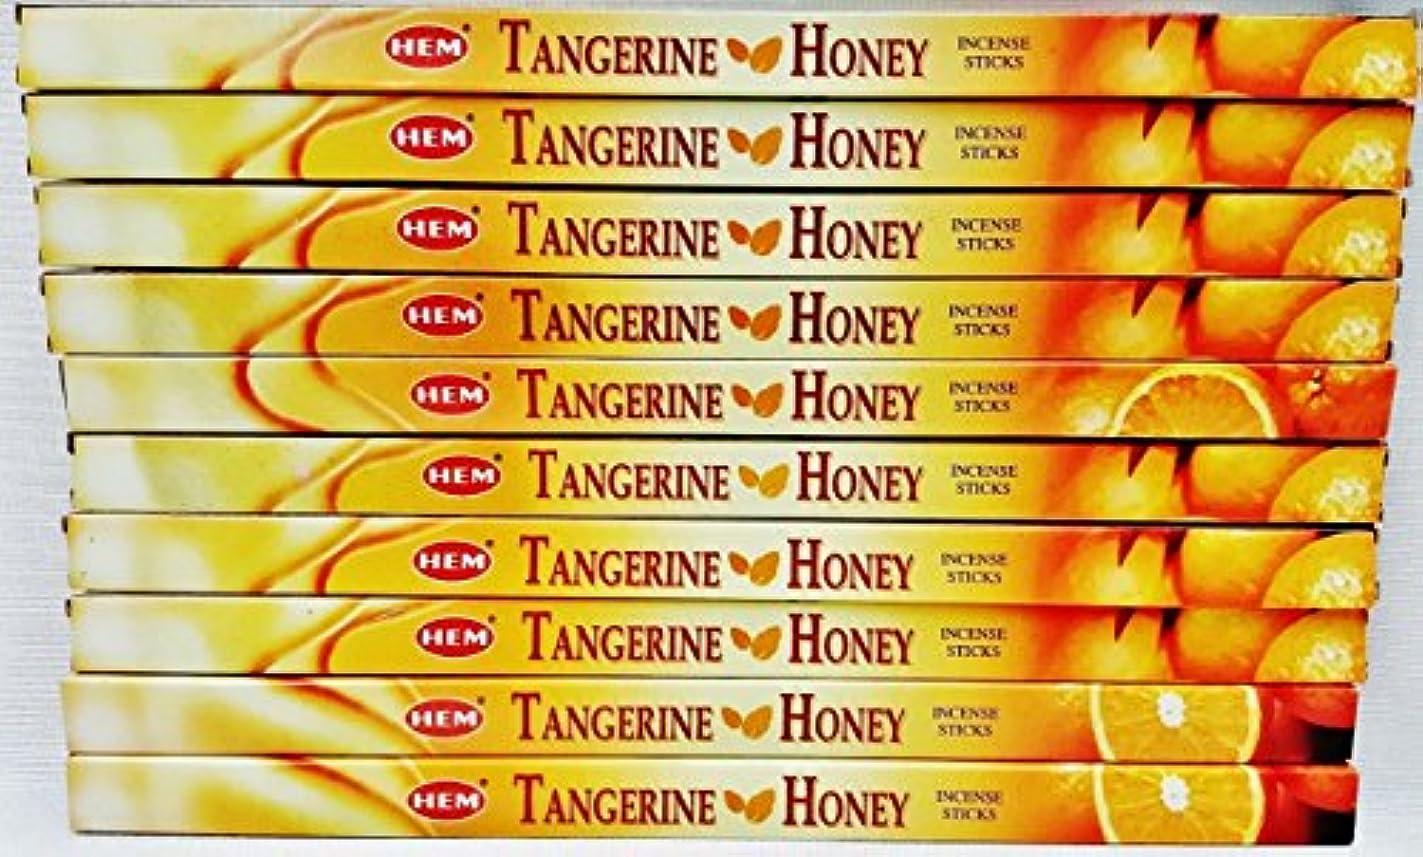 あさり友情キルス10ボックスHem Tangerine Honey Incense 8 Sticks perボックス80合計Sticks